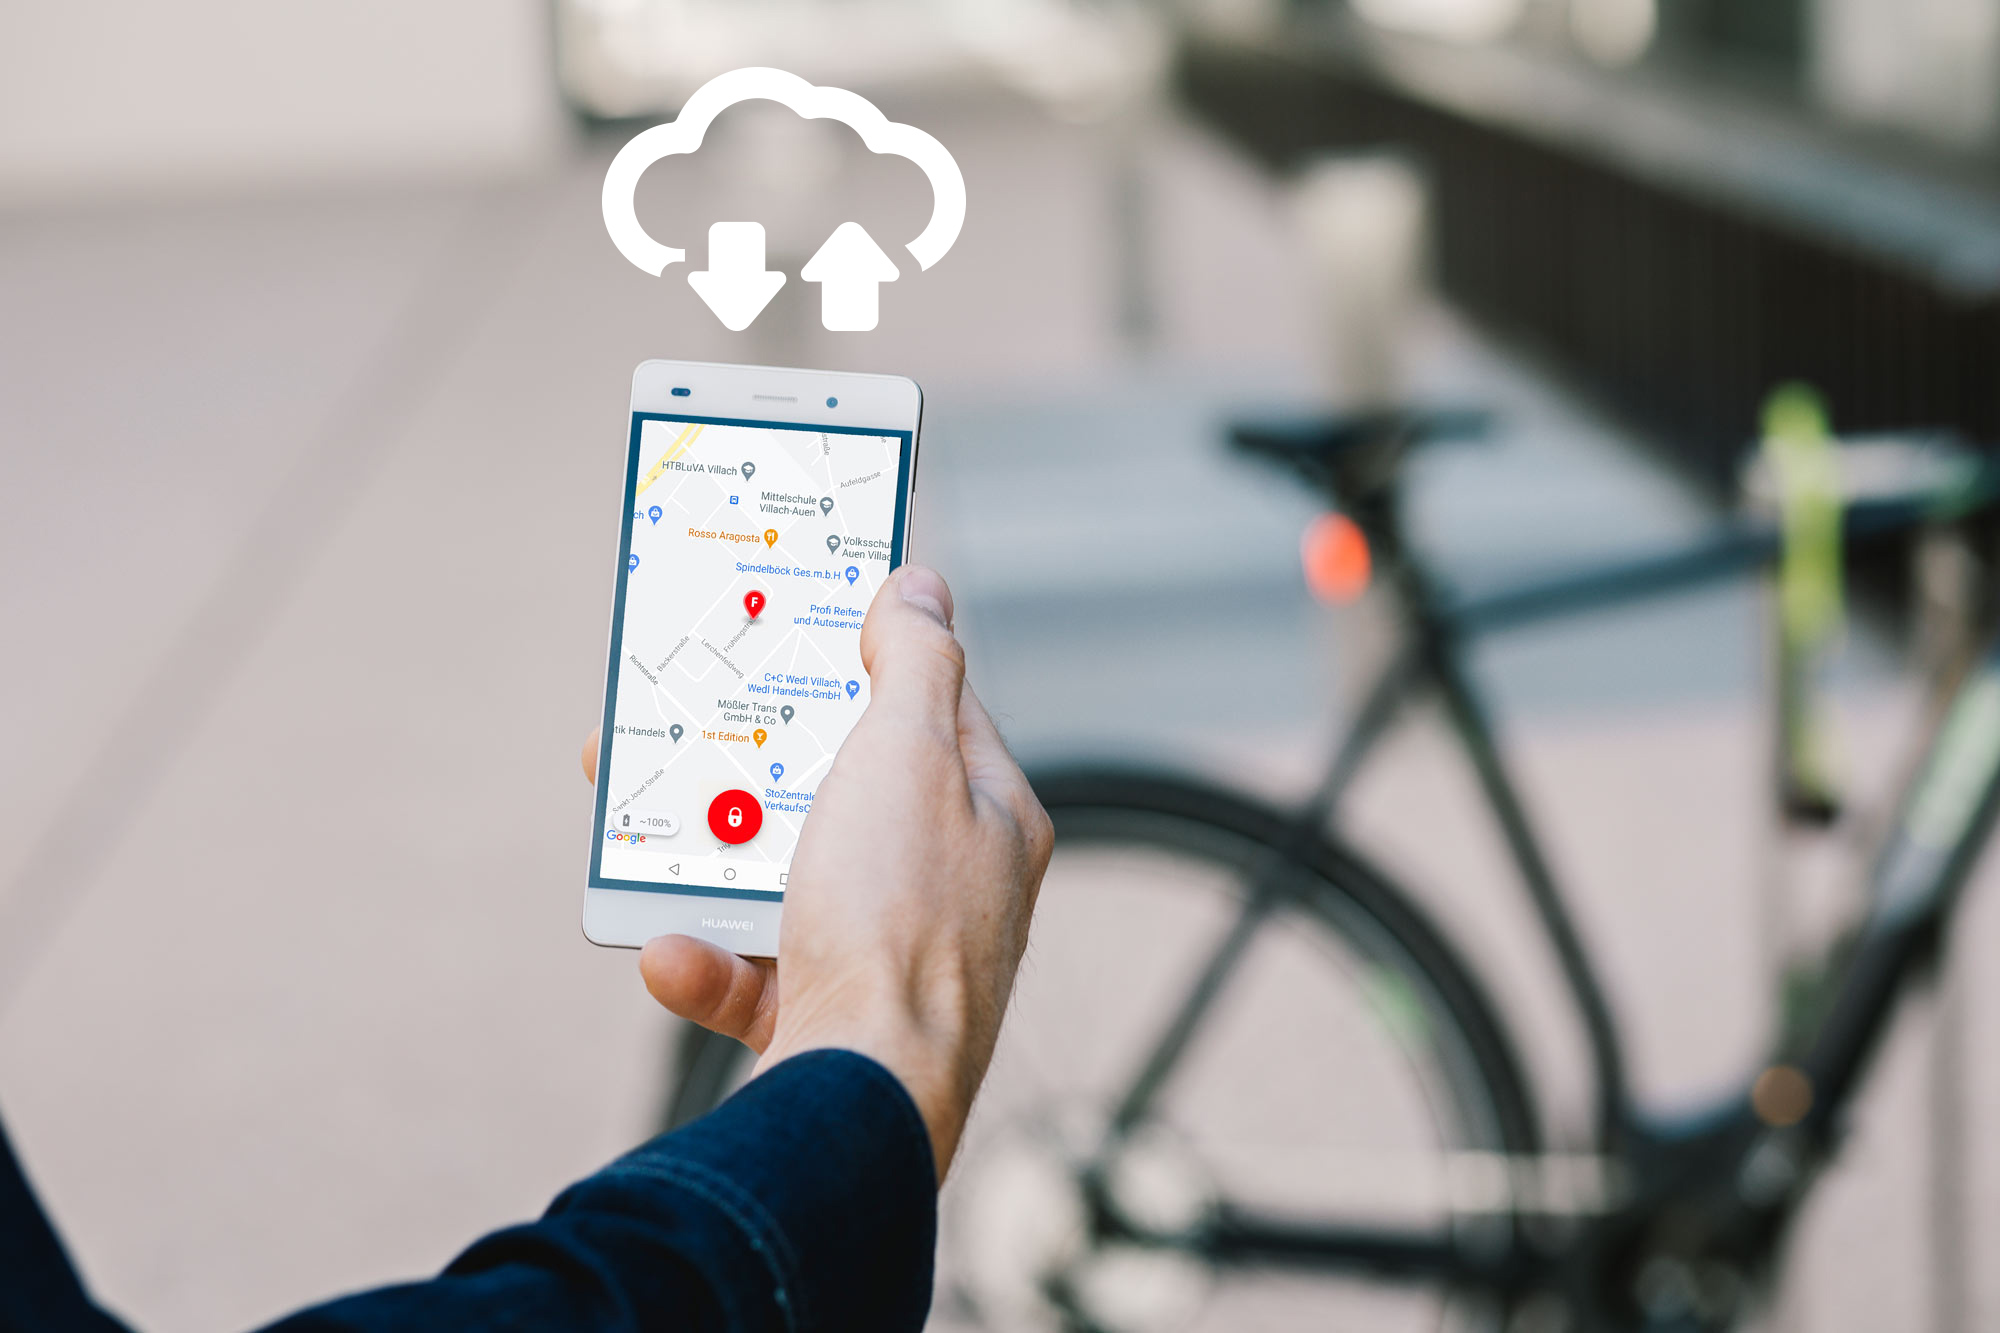 Internet of Things: Viele Dinge lassen sich praktisch  per Smartphone-App steuern und überwachen.